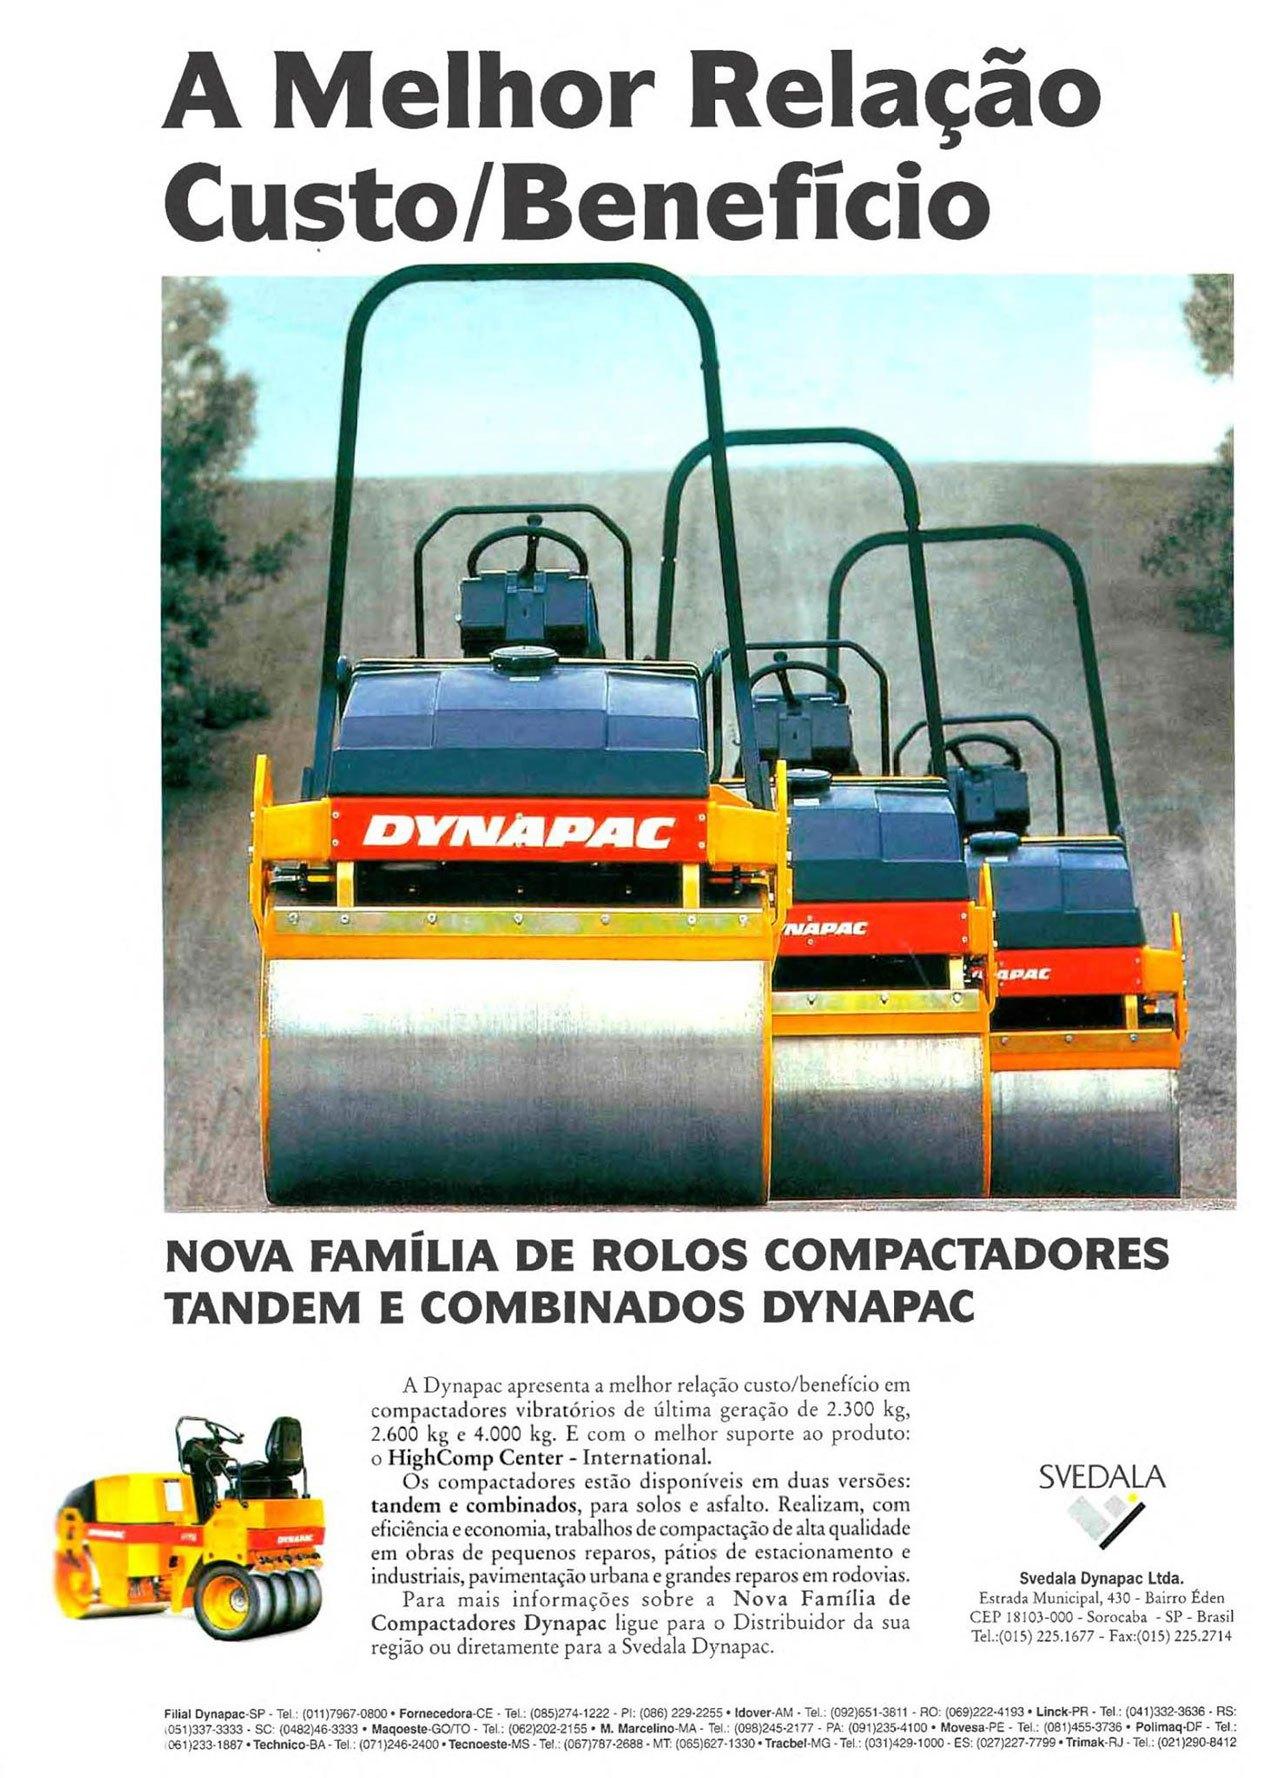 A Melhor Relação Custo/Benefício   NOVA FAMÍLIA DE ROLOS COMPACTADORES TANDEM E COMBINADOS DYNAPAC   A Dynapac apresenta a melhor relação custo/benefício em compactadores vibratórios de última geração de 2.300 kg, 2.600 kg c 4.000 kg. E com o melhor suporte ao produto: o HighComp Center - International. Os compactadores estão disponíveis em duas versões: tandem e combinados, para solos e asfalto. Realizam, com eficiência e economia, trabalhos de compactação de alta qualidade em obras de pequenos reparos, pátios de estacionamento e industriais, pavimentação urbana e grandes reparos em rodovias. Para mais informações sobre a Nova Família de Compactadores Dynapac ligue para o Distribuidor da sua região ou diretamente para a Svedala Dynapac.  SVE DA LA  Svedala Dynapac Ltda. Estrada Municipal, 430 - Bairro Éden CEP 18103-000 - Sorocaba - SP - Brasil Tel.:(015) 225.1677 - Fax:(015) 225.2714  Filial Dynapac-SP - Tel (011)7967-0800 • Fornecedora-CE • Tel.: (085)274-1222 - PI: (086) 229.2255 • ldover-AM - Tel.: (092)651-3811 • RO: (069)222.4193 • Linck-PR Tel (041)332-3636. RS: .051)337-3333 - SC. (0482)46-3333 • Mai:peste-GO/TO - Tel (062)202-2155 • M. Marcelino-MA - Tel.: (098)245-2177 PAI (091)235.4100 • Movesa-PE Tel.: (081)455-3736 • Pollrnaq-DF - Tel : 061)2331887 • Technico-BA -Tel (071)246-2400 •Tecnoeste-MS Tel.: (067)787-2688 - MT: (065)627-1330 • Tracbel-MG -Tel : (031)429-1000 - ES: (027)227-7799 • Trimak-RJ Tel : (021)290-8412